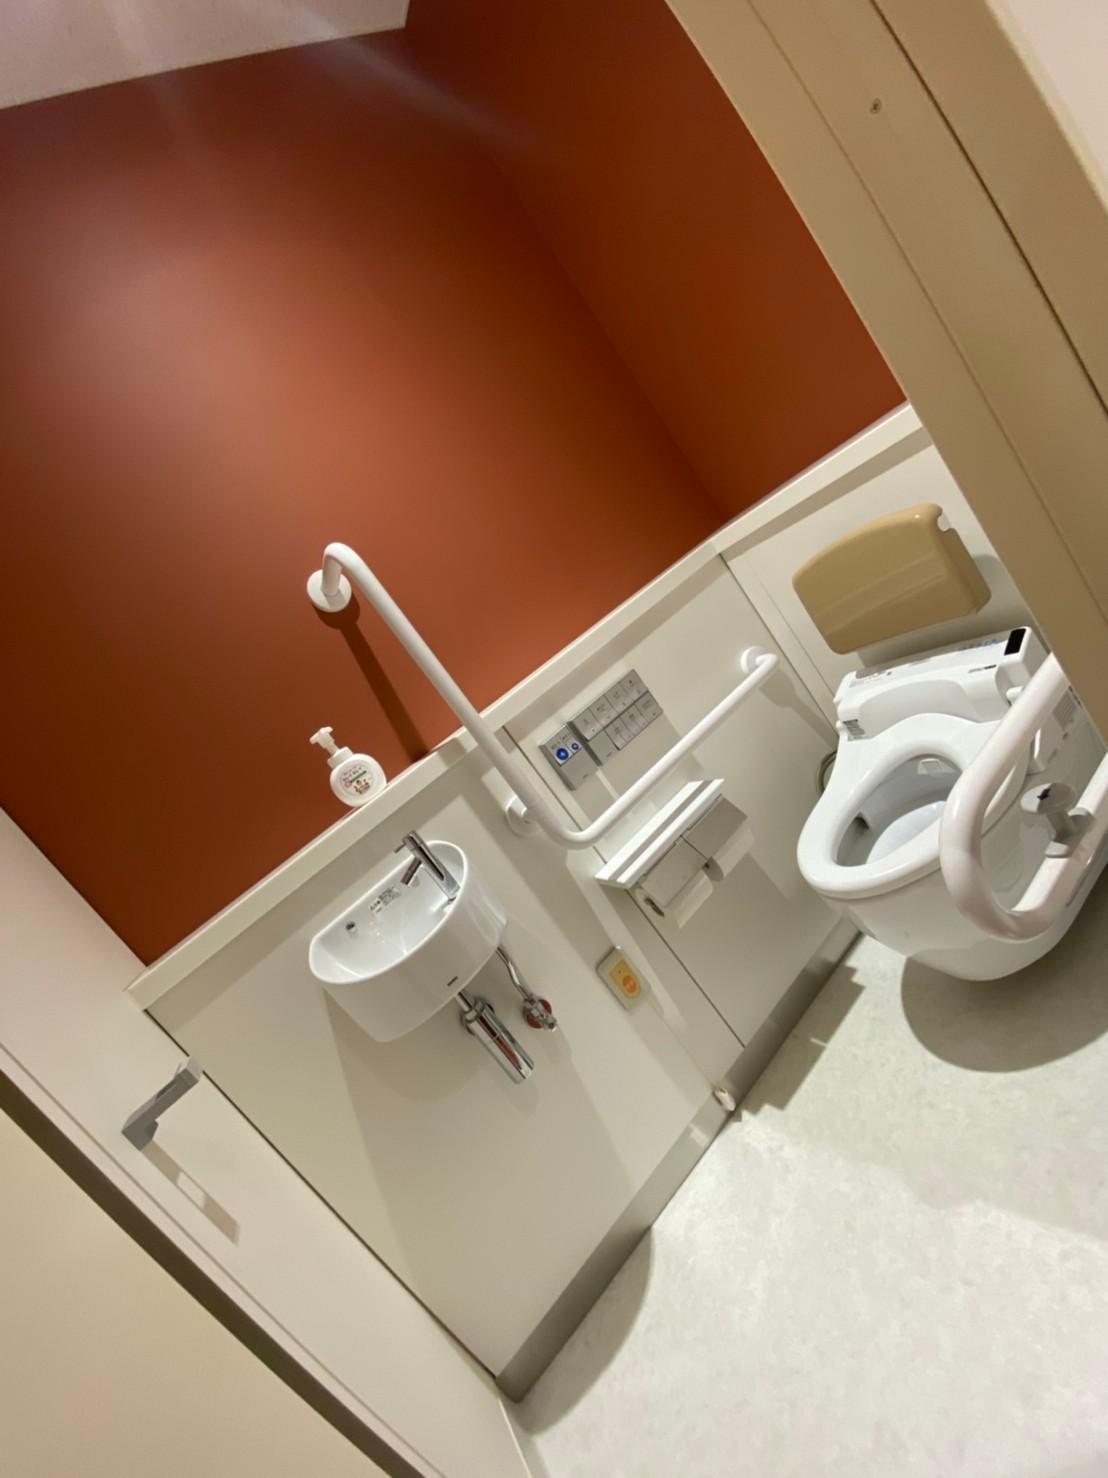 多目的トイレ4。ここはちょっと車椅子で入るには狭かったです。一般のトイレよりは広いので、歩行できる人が使うのかな